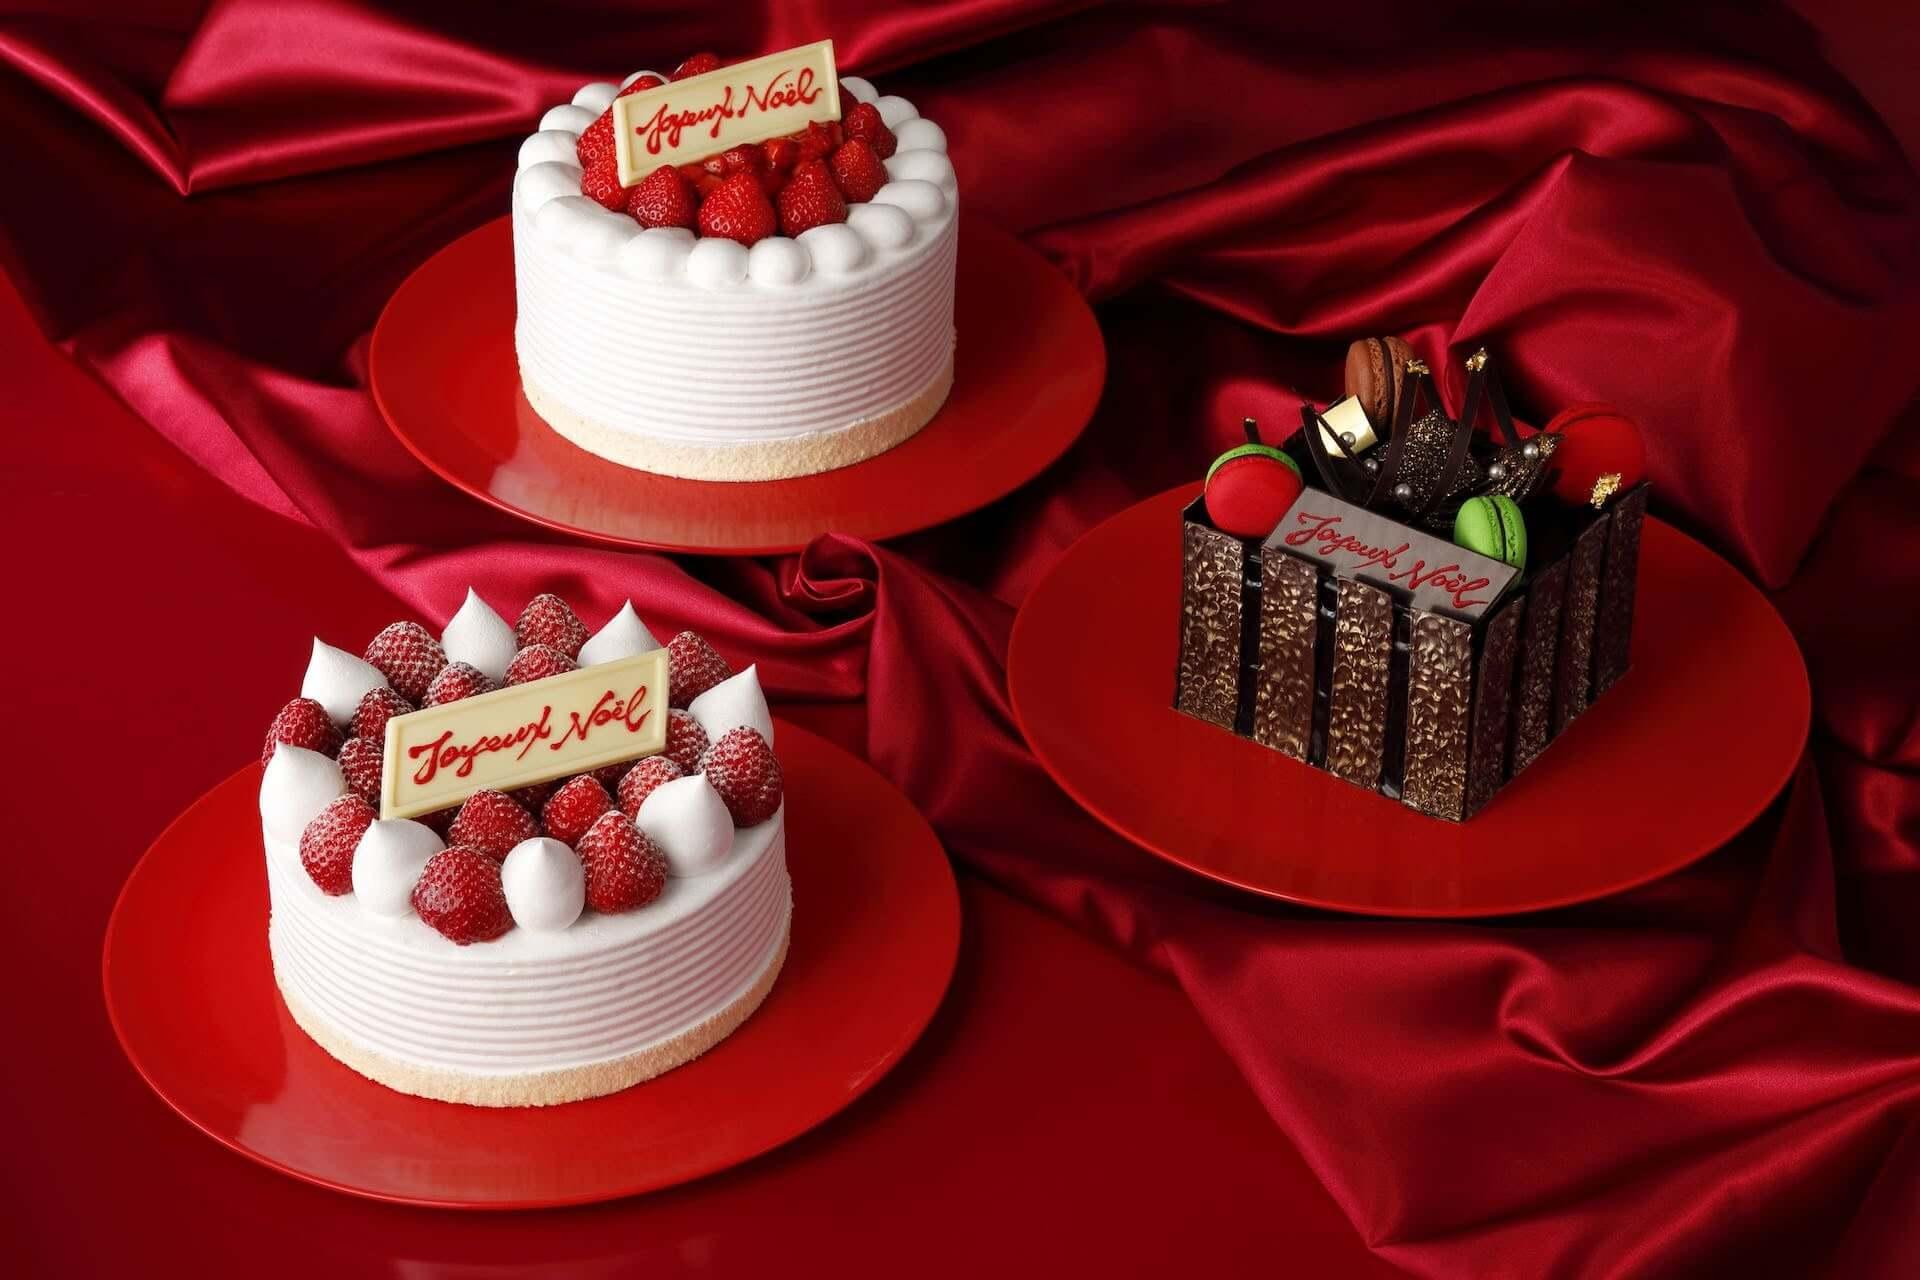 ホテルニューオータニ「パティスリーSATSUKI」にてクリスマスケーキの予約販売がスタート!『スーパーオペラ』『クリスマスタワー』など続々登場 gourmet201005_newotani_9-1920x1280